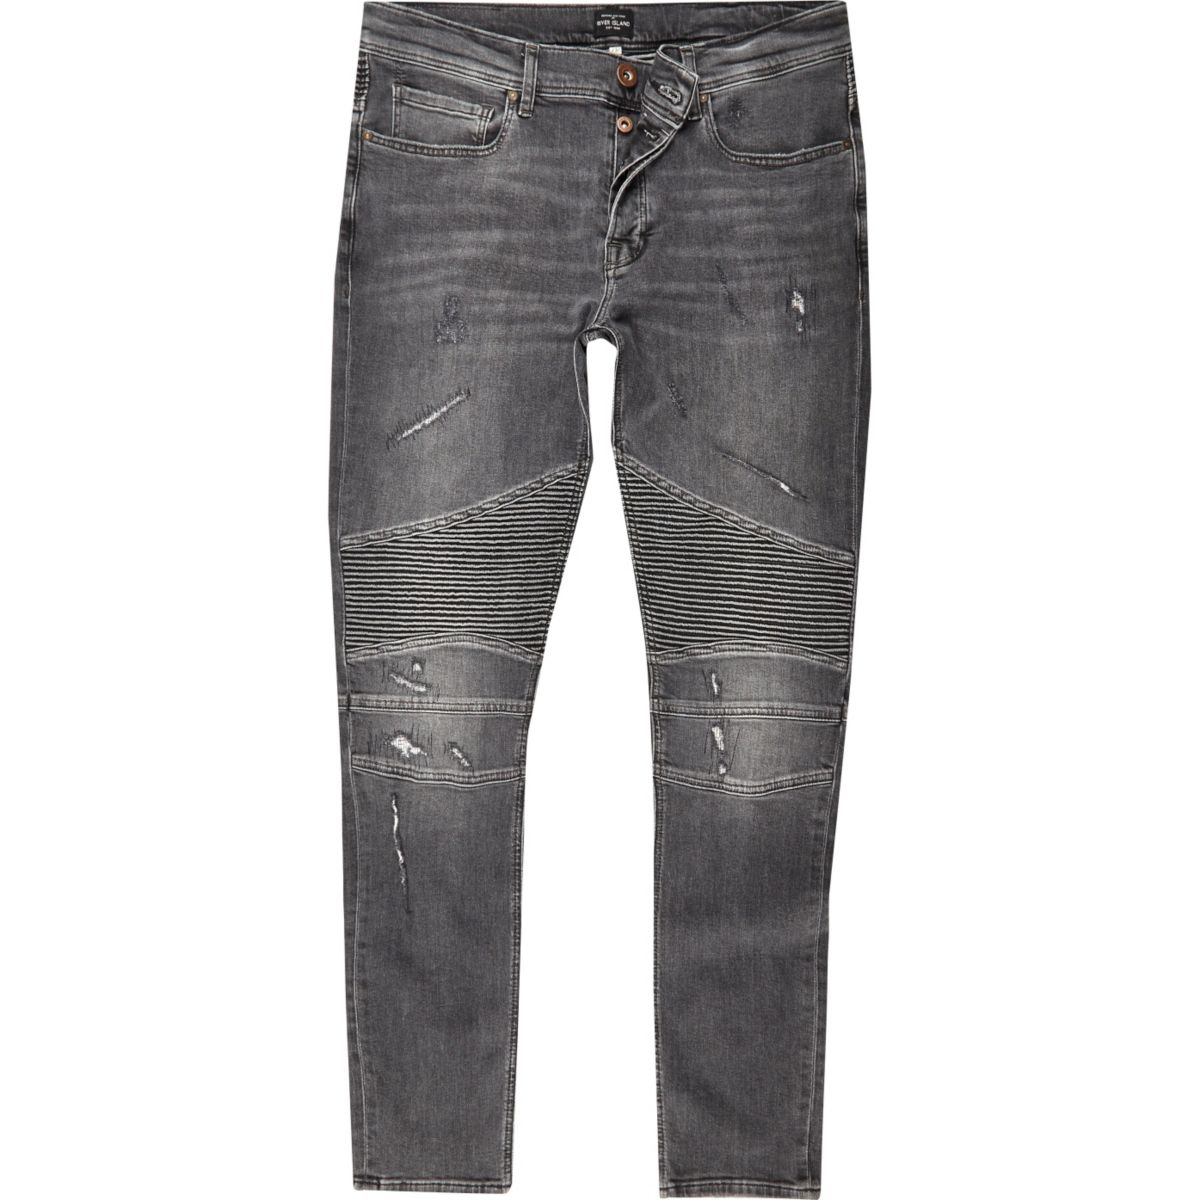 Black wash biker super skinny jeans